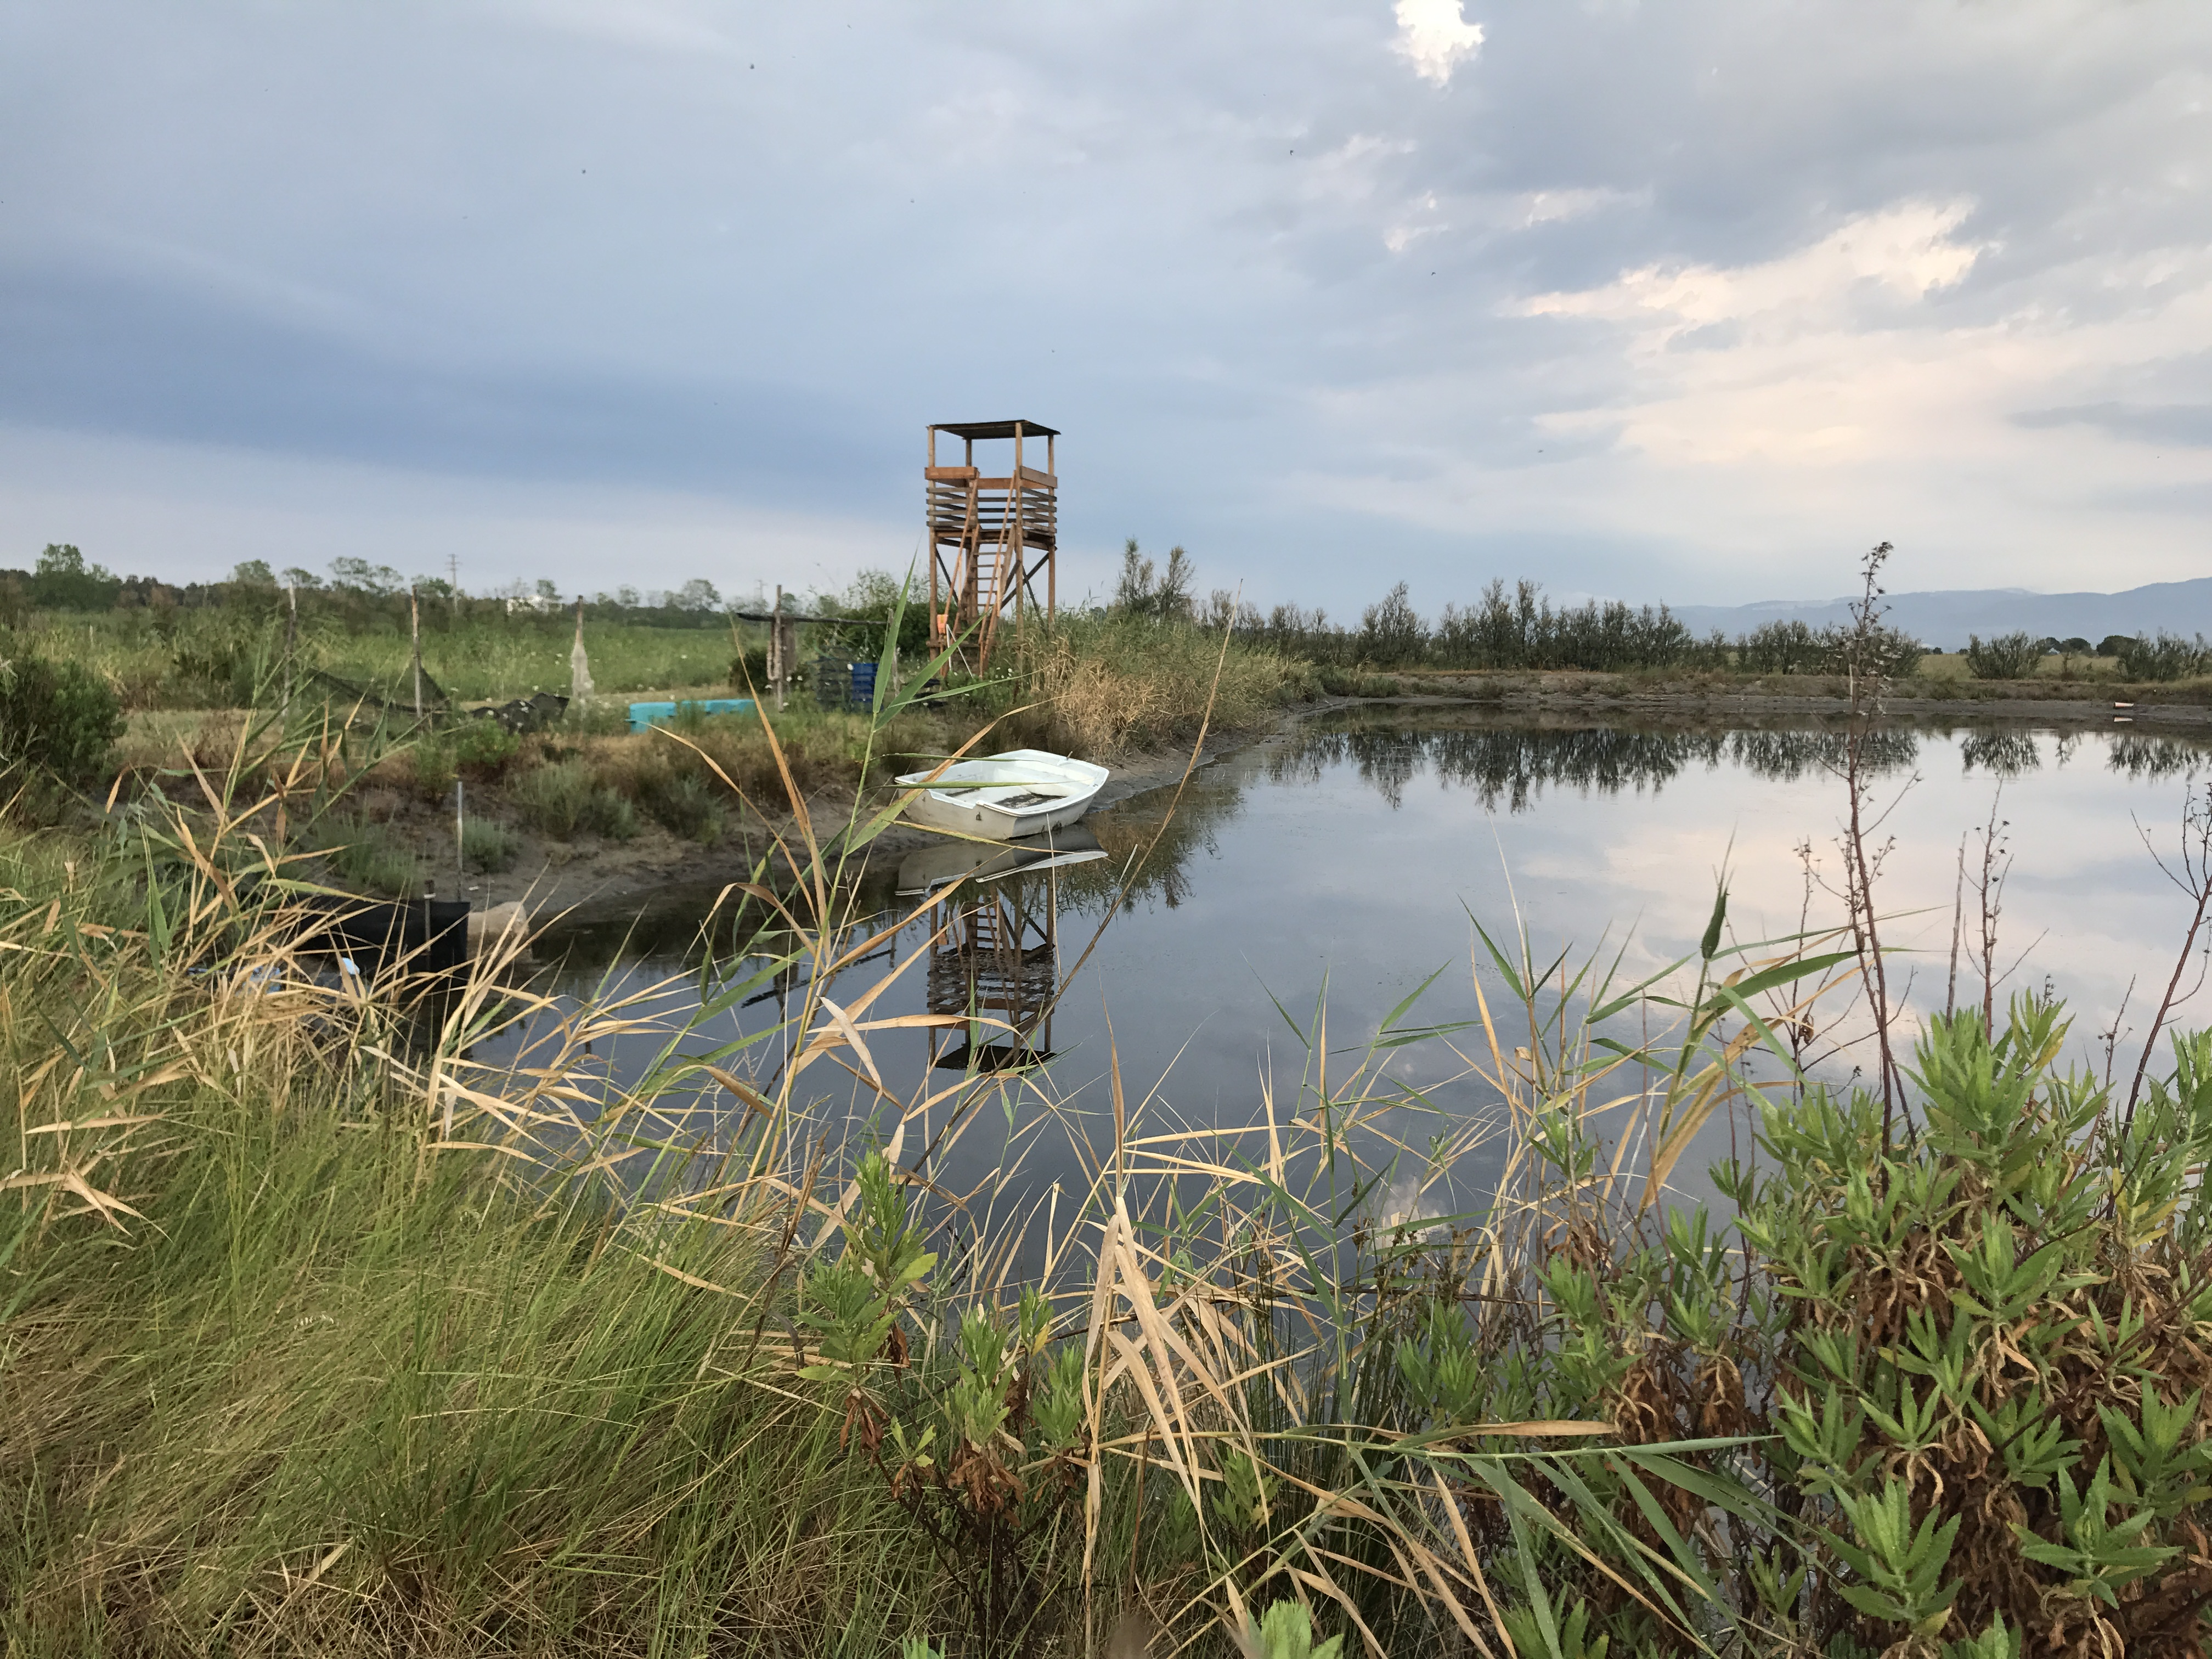 torretta di avvistamento oasi gargamelle lago di varano